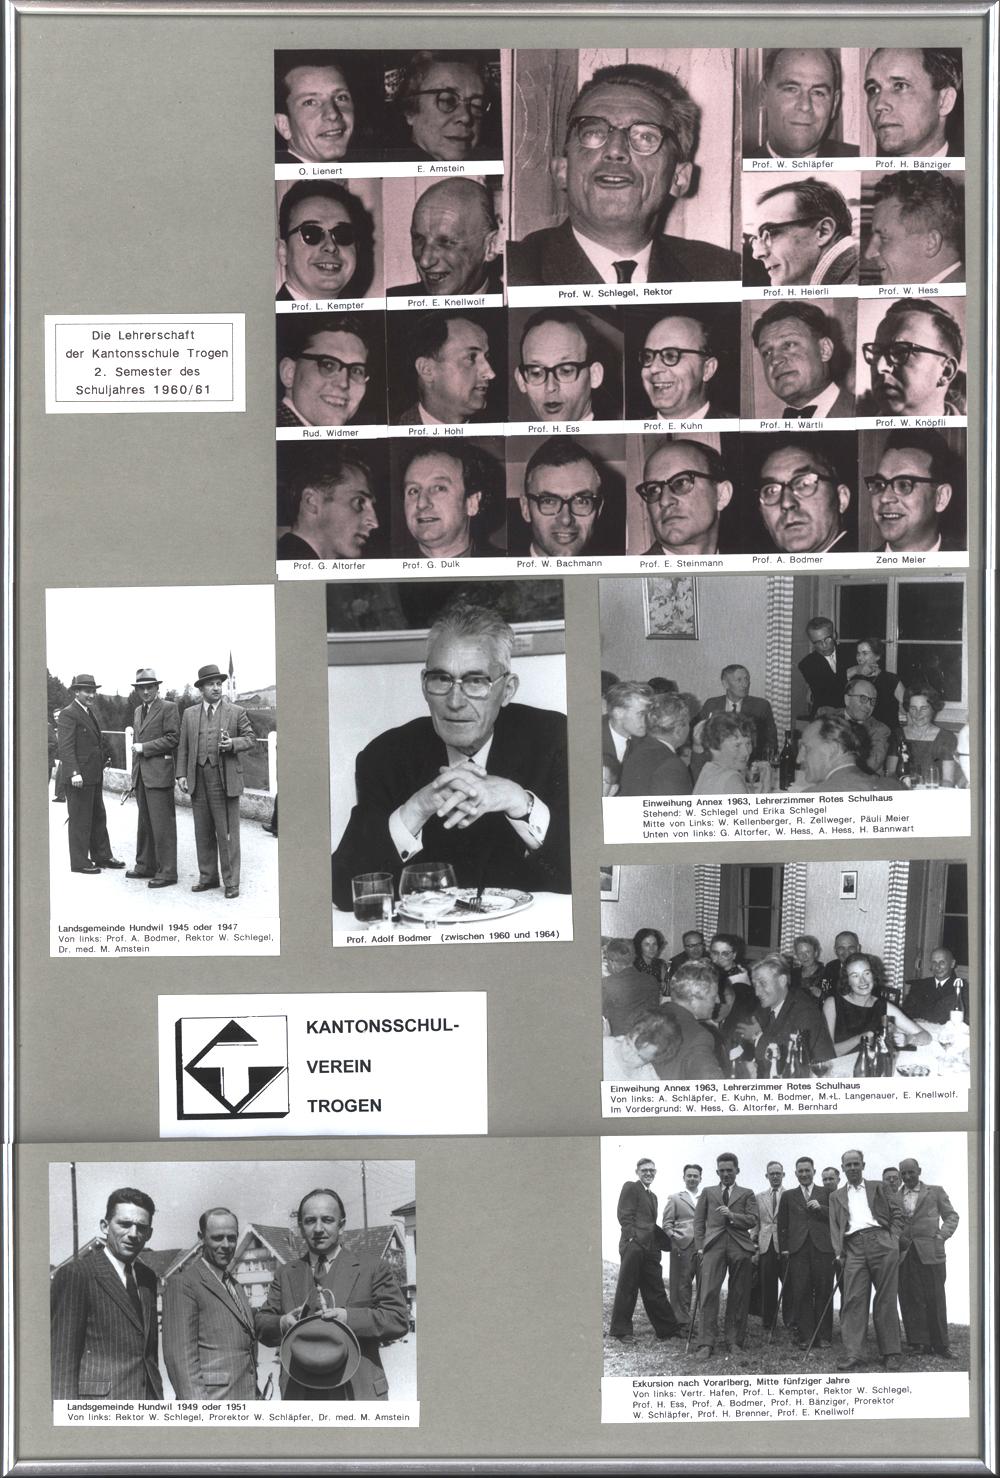 Kantonsschullehrer im Bild 1961